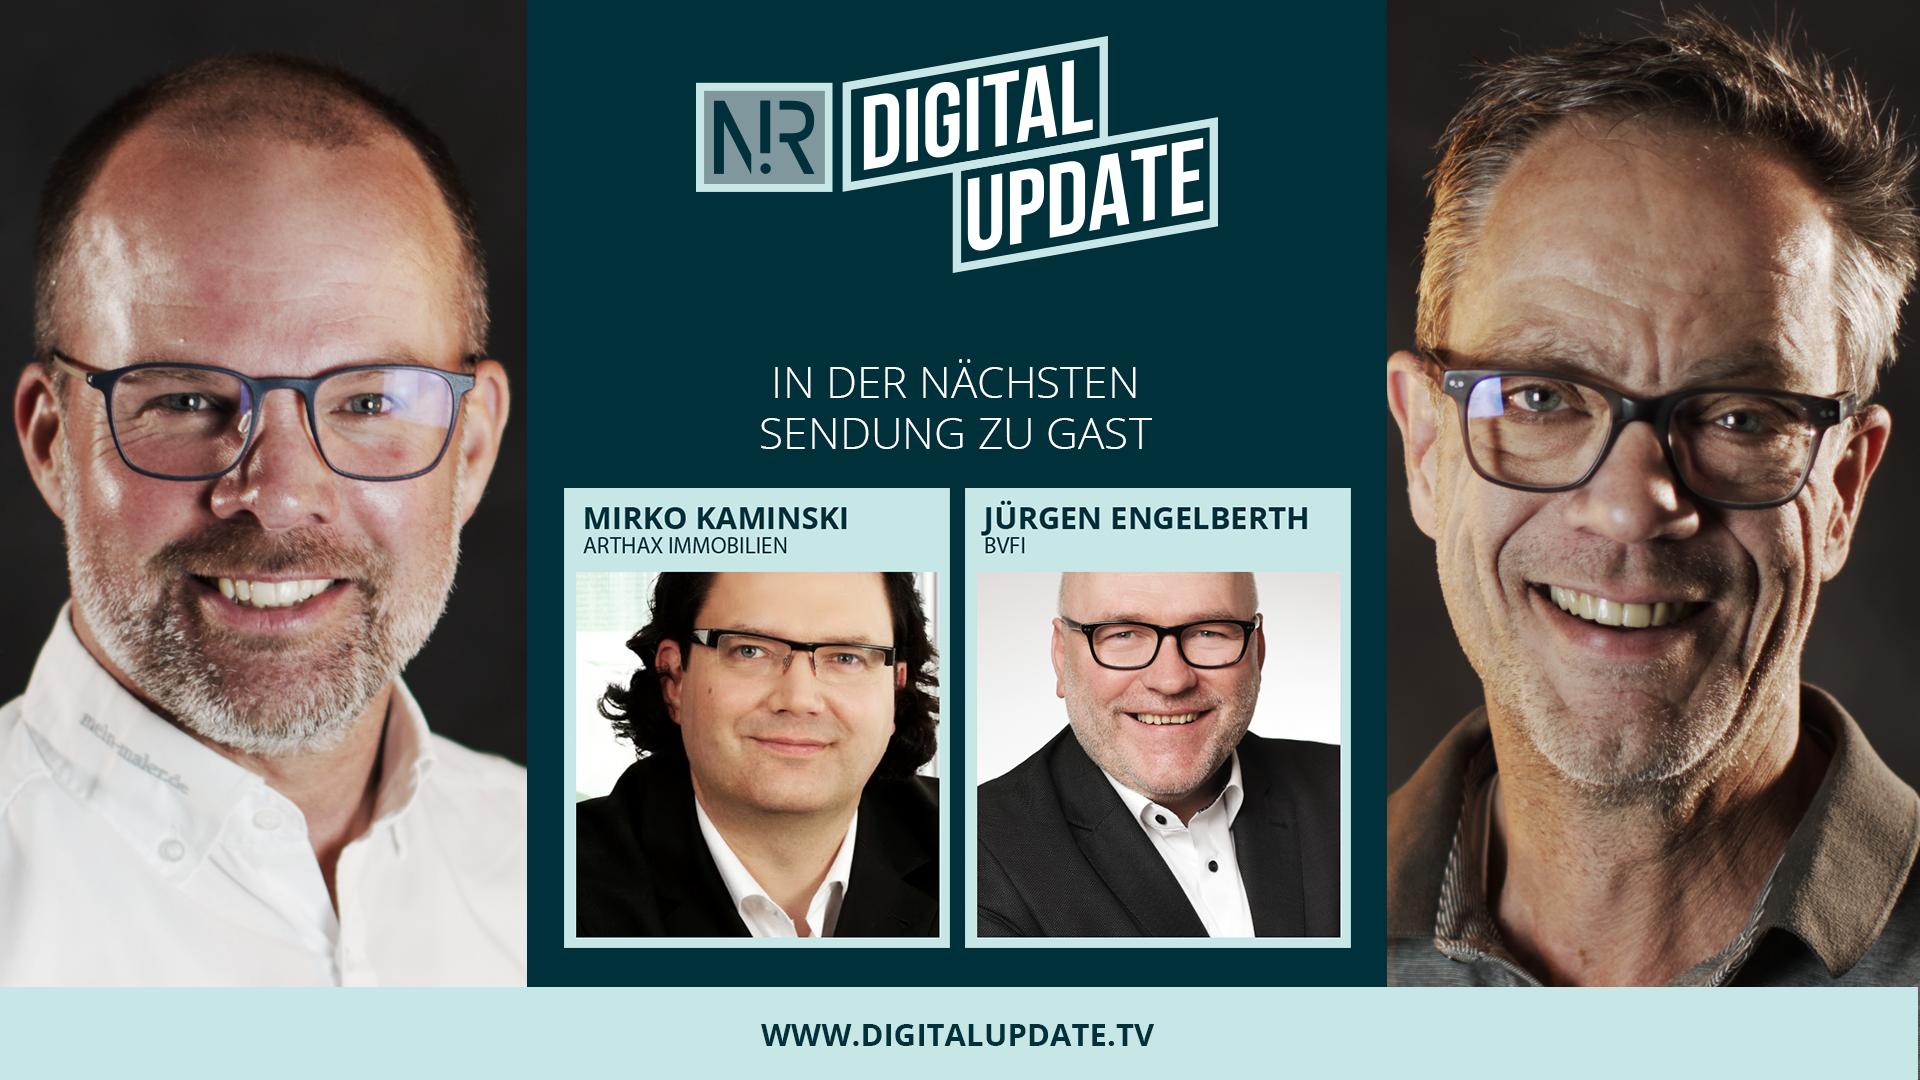 Digitalupdate-Immobilienwirtschaft-Jürgen Engelberth